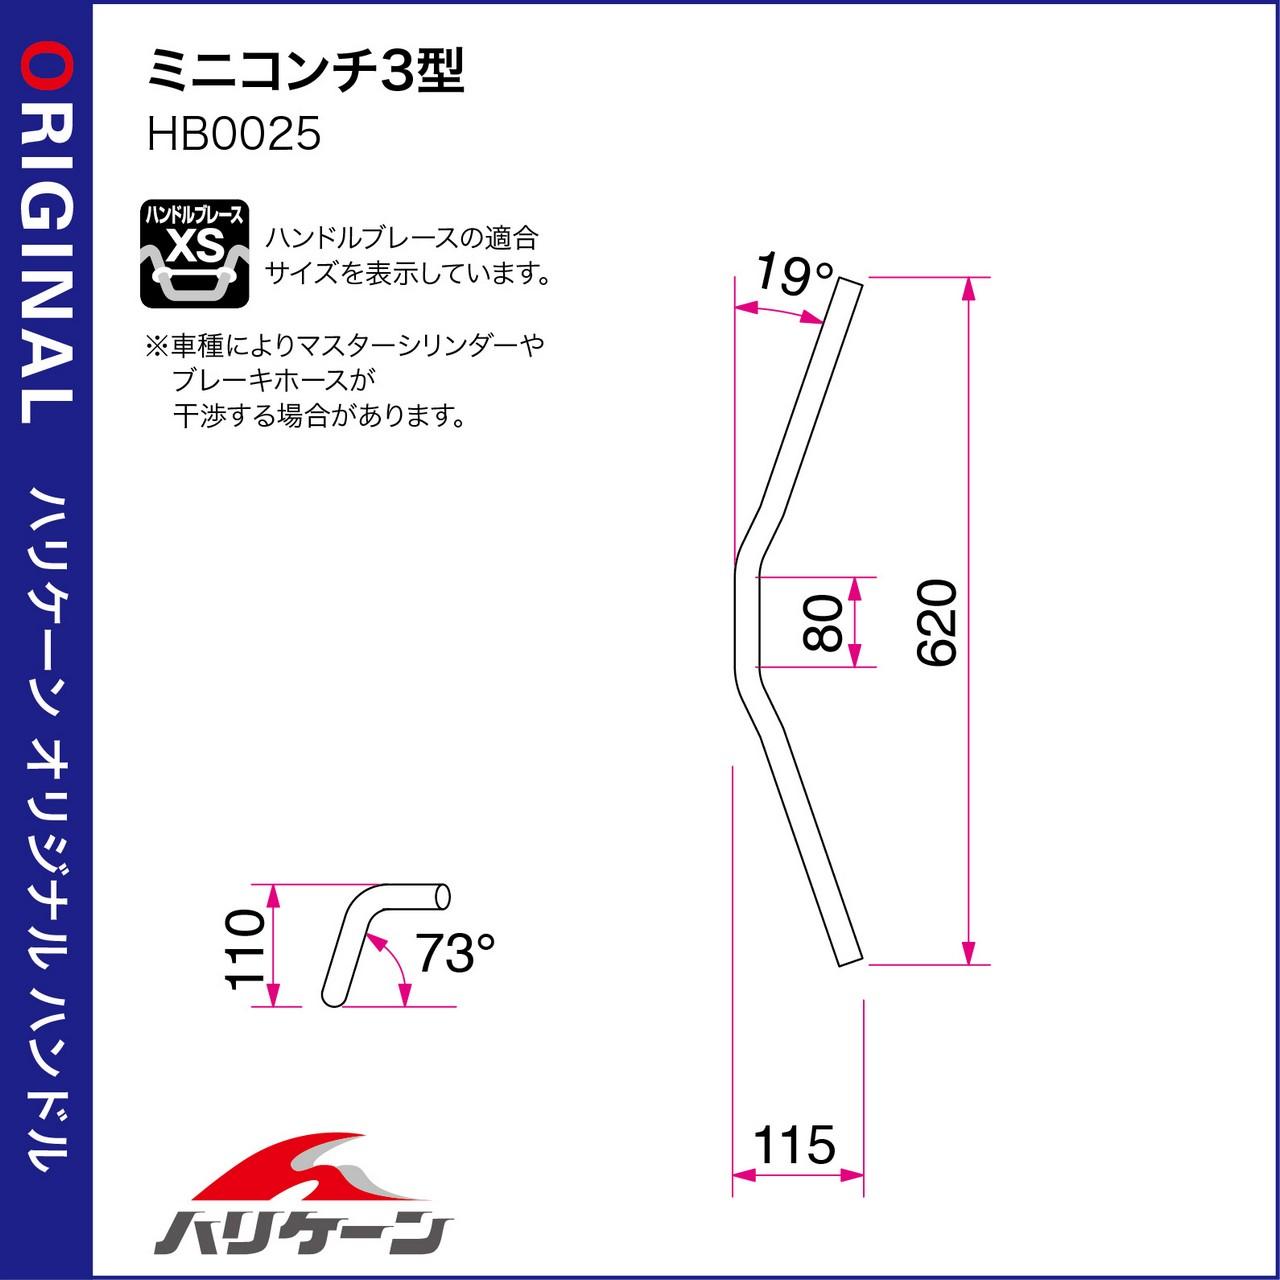 【HURRICANE】Mini Type Conti 2 Φ7/ 8吋 Mini把手 - 「Webike-摩托百貨」